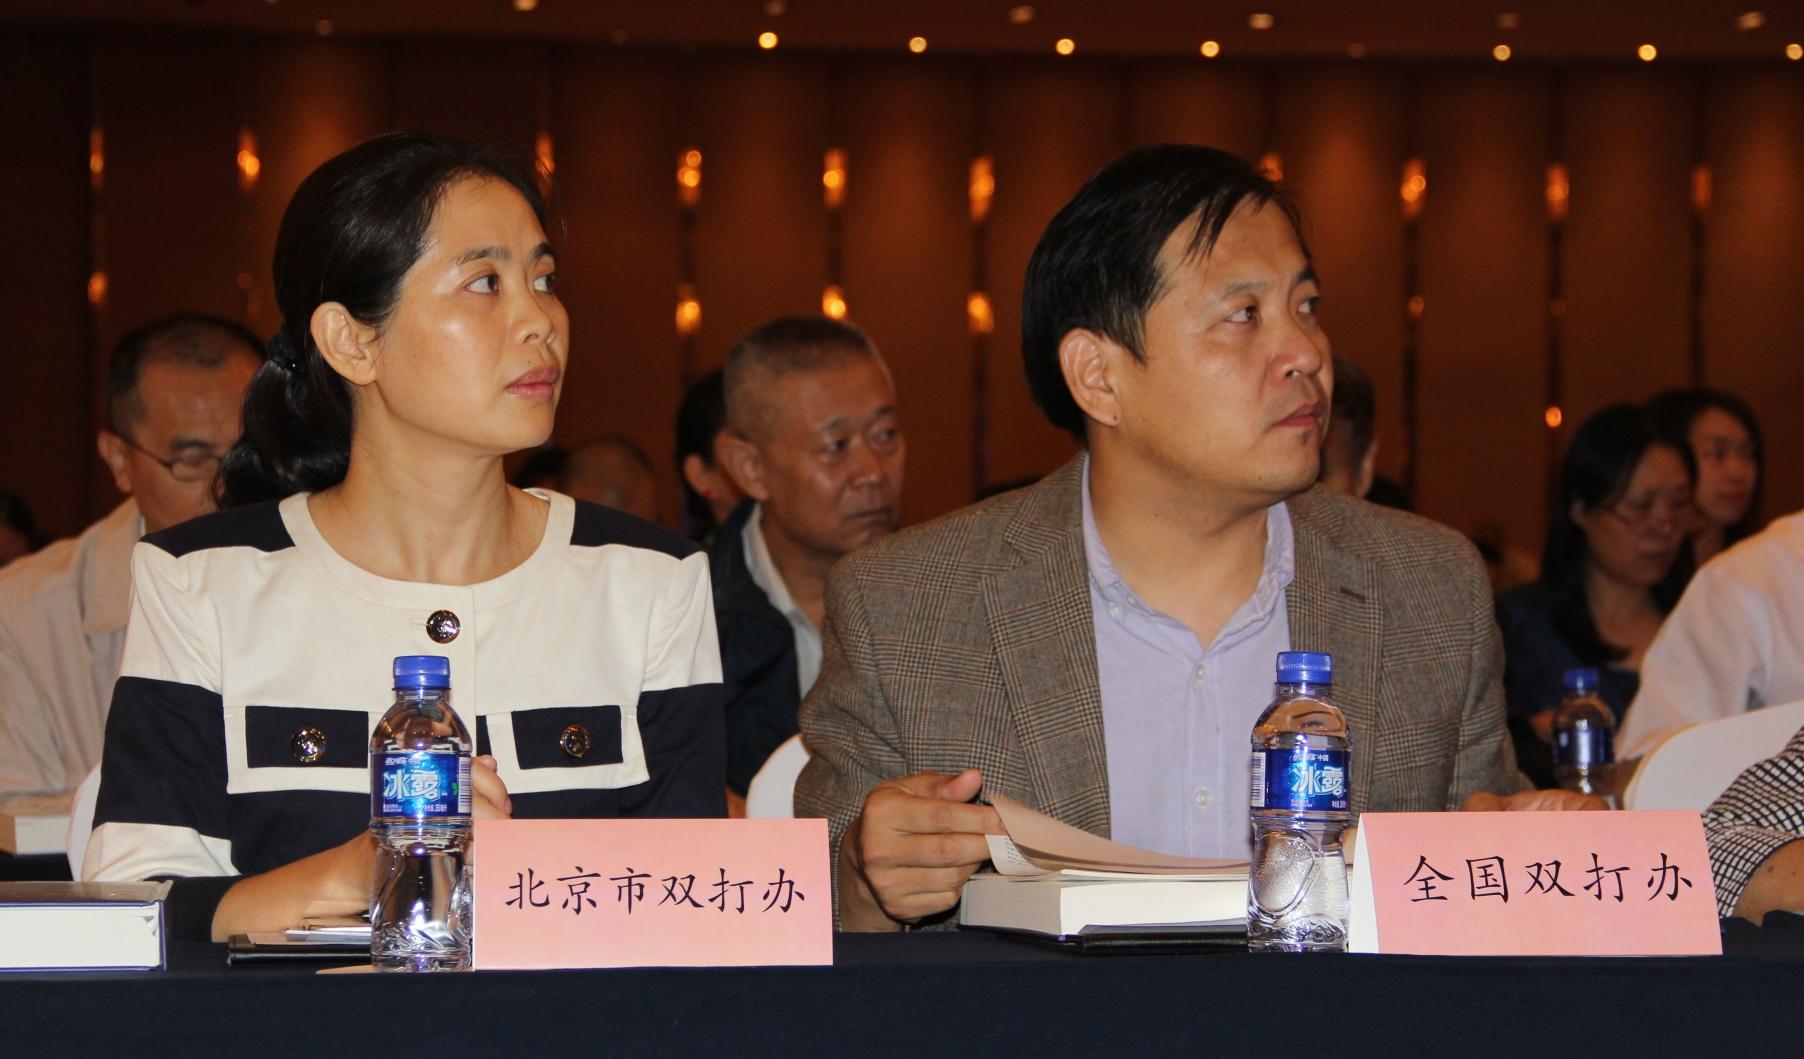 全国双打办、北京双打办领导参加会议